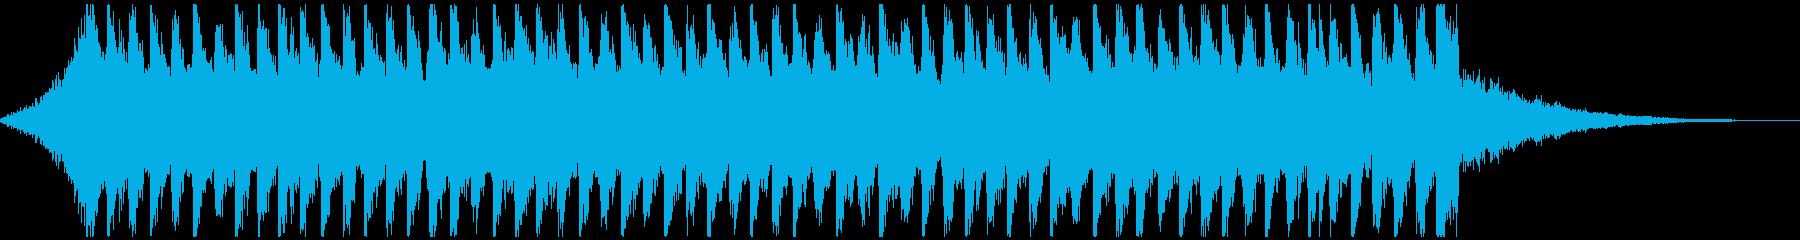 企業VP向け爽やかなポップ4つ打ち30秒の再生済みの波形